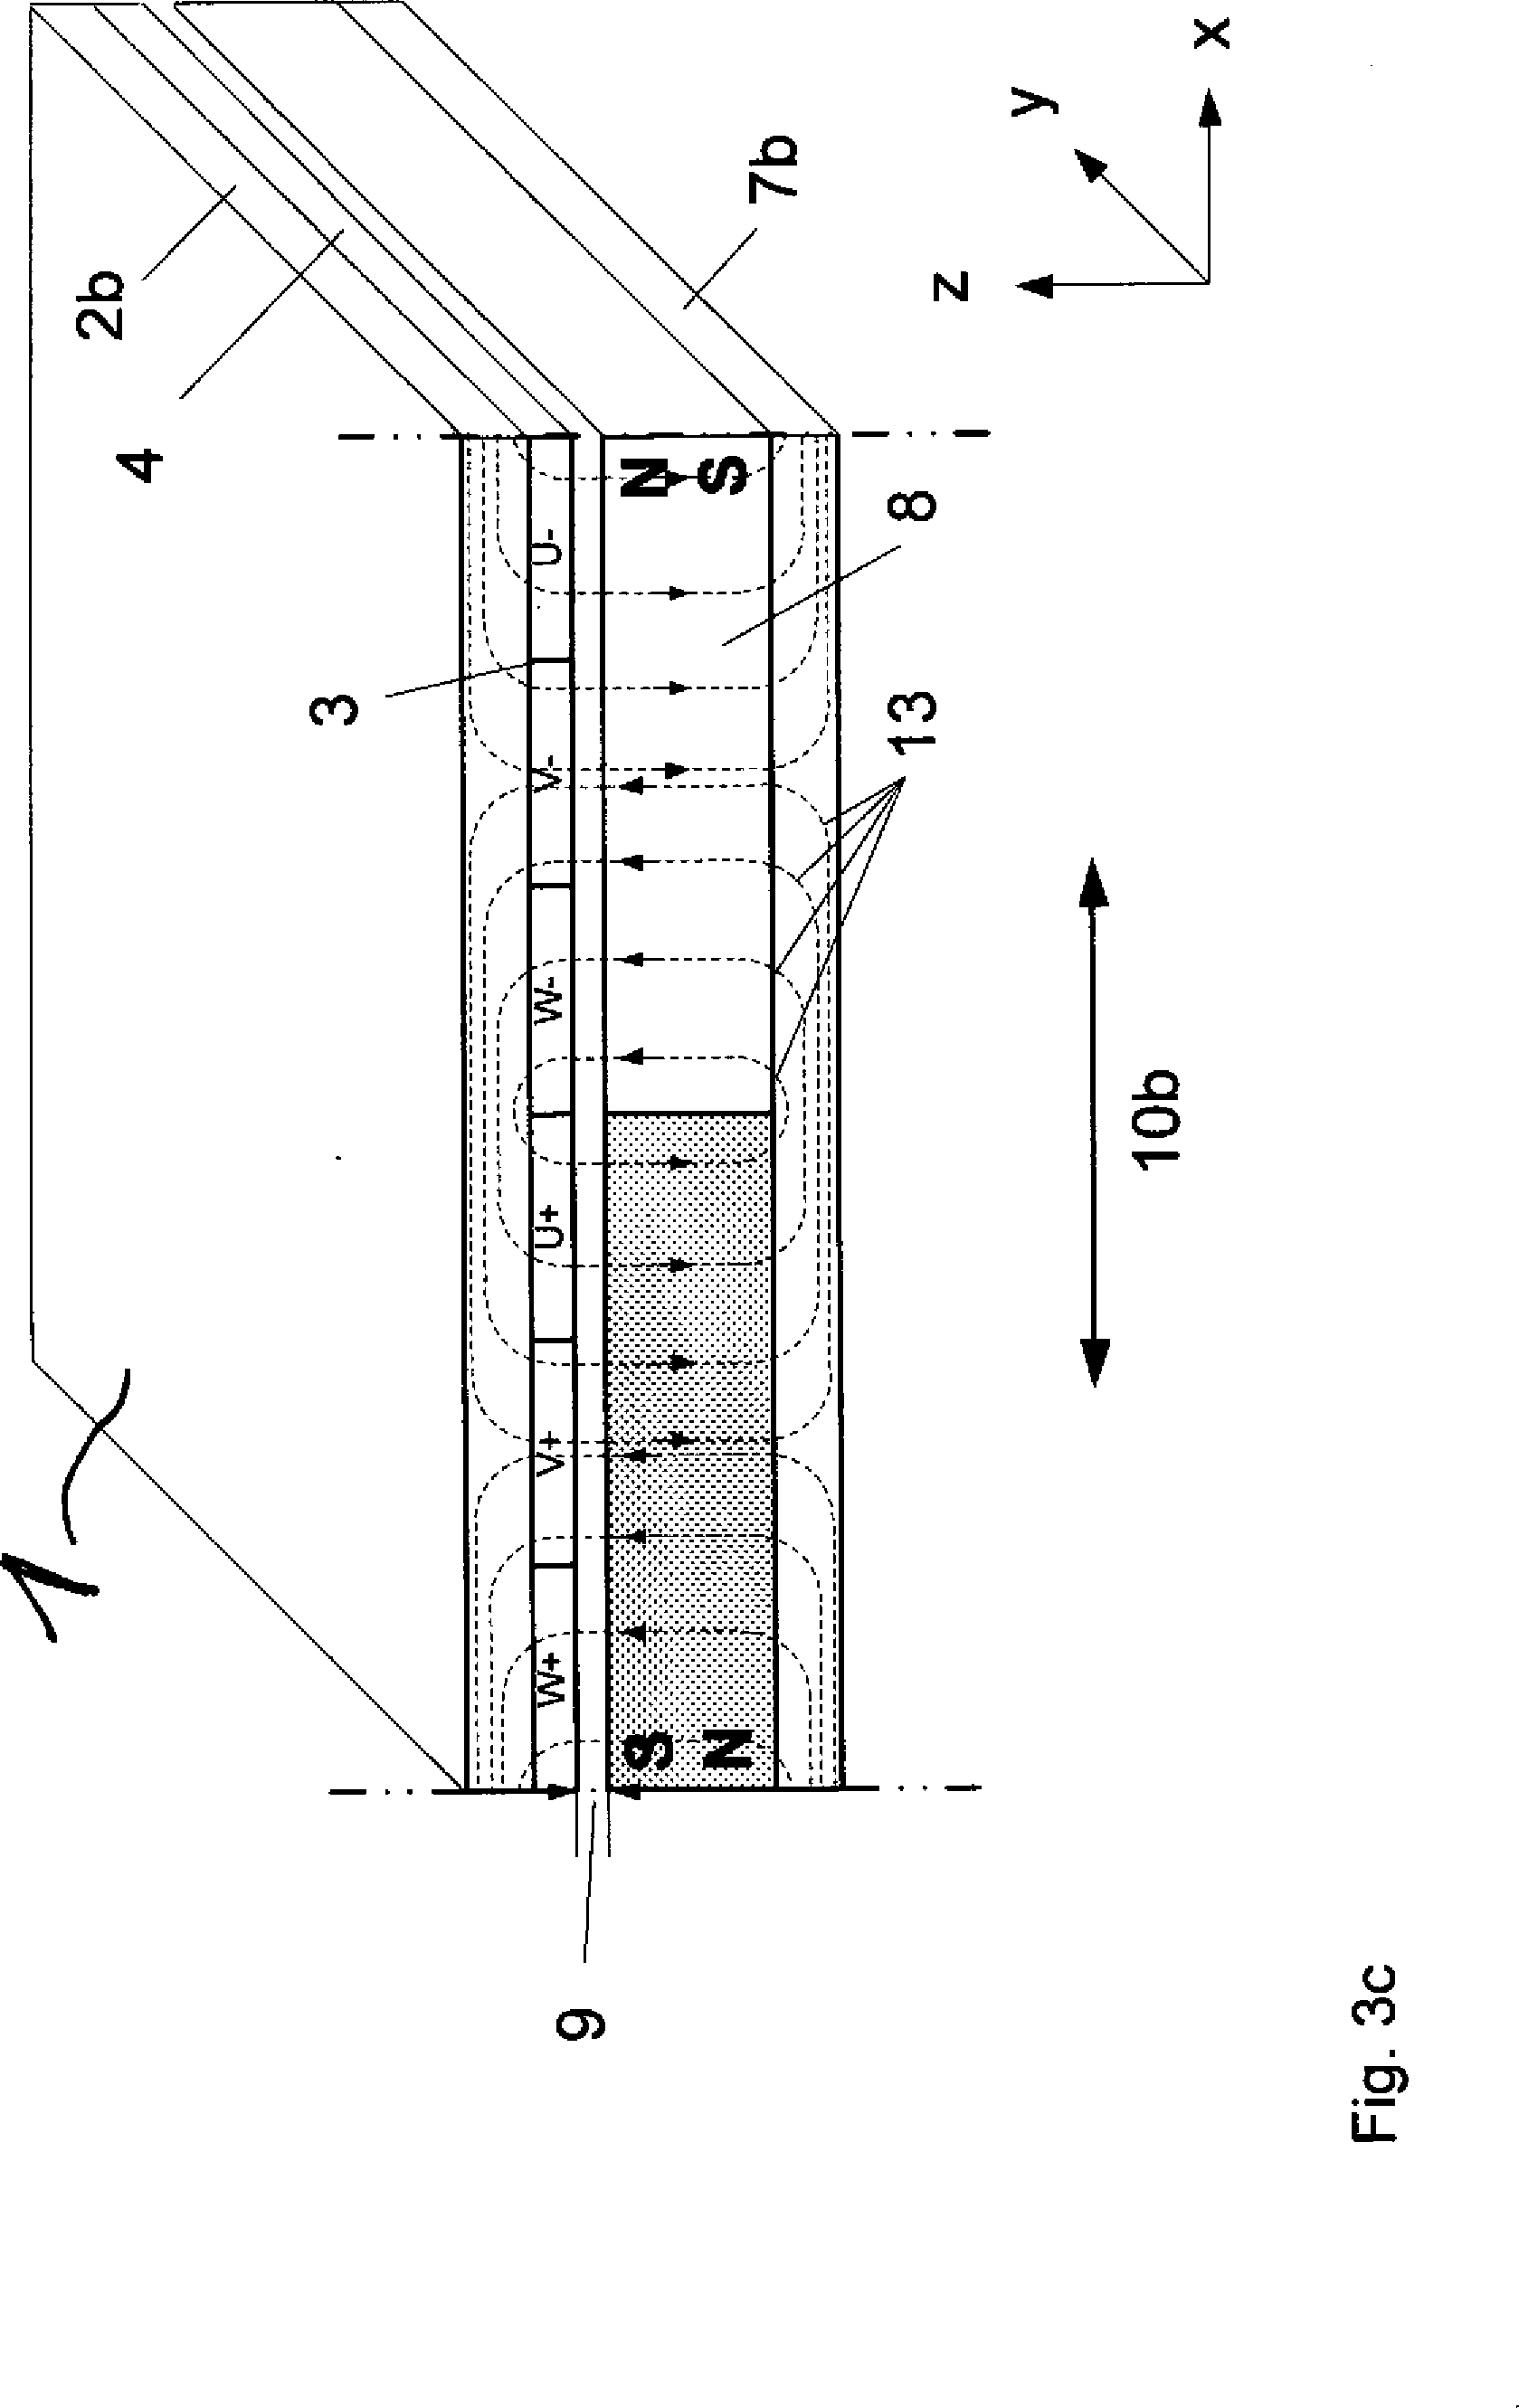 12 Lead Motor Winding Diagram - Wiring Diagrams ROCK